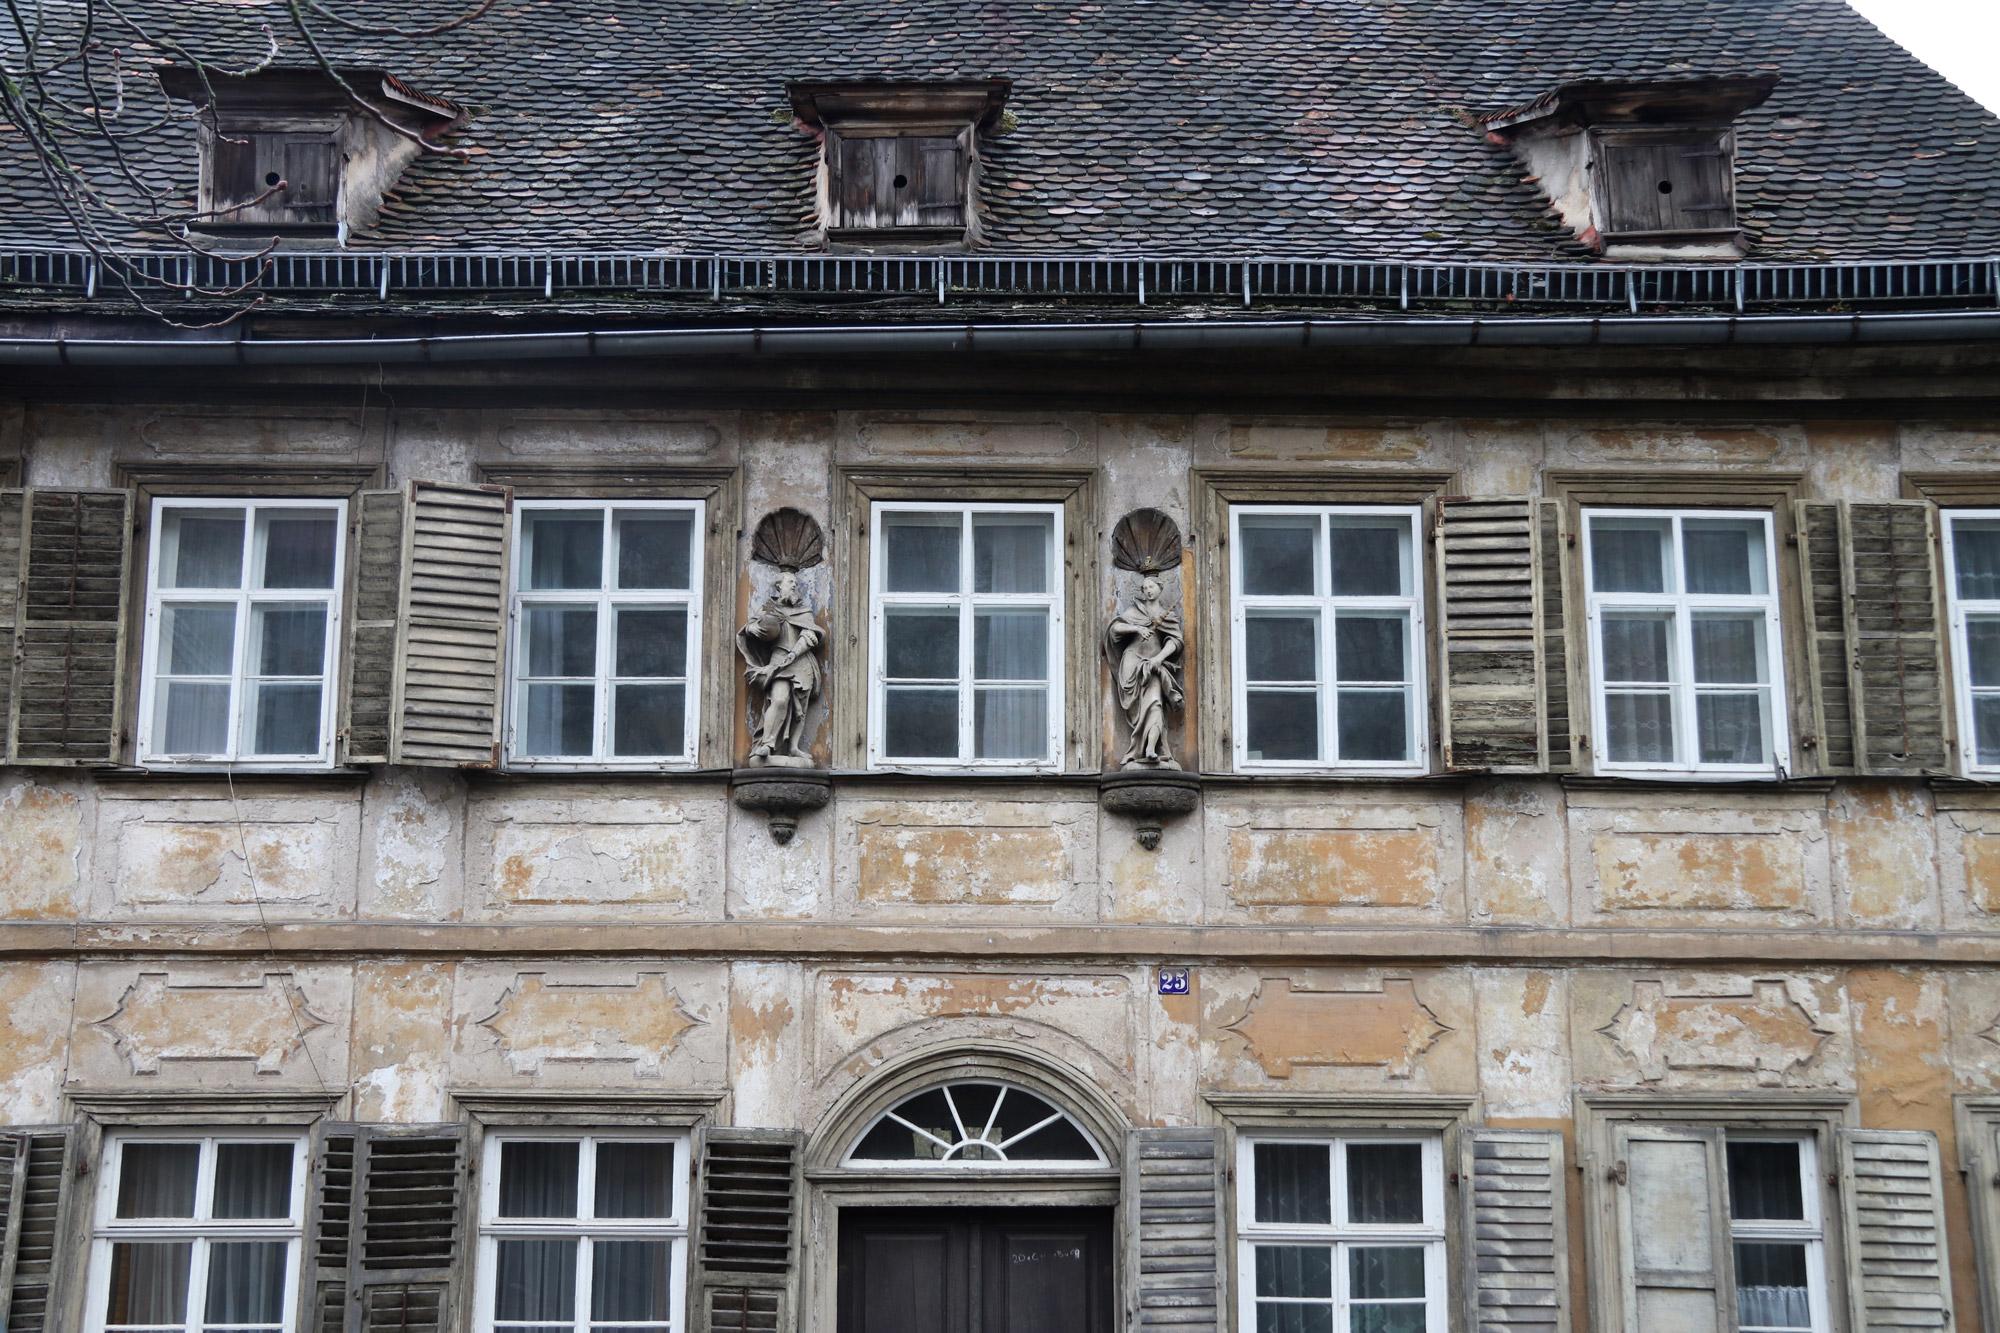 Bamberg in 10 beelden - Architectuur